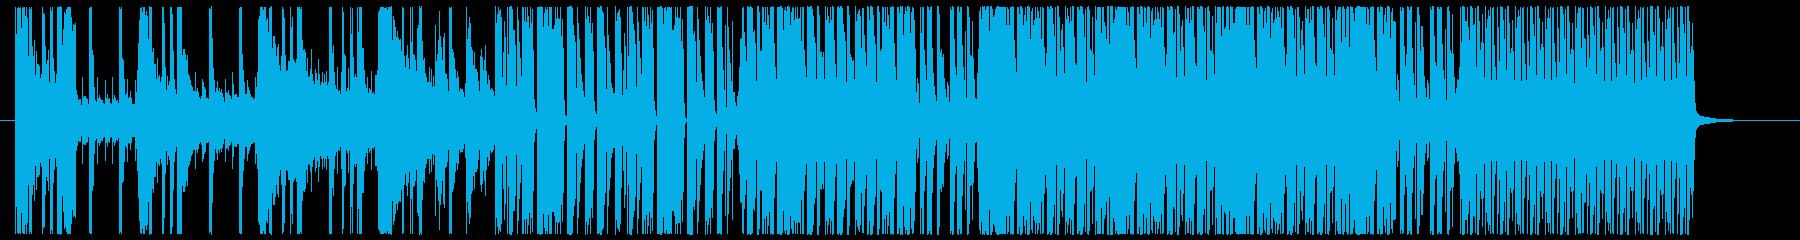 クラブ調を全面に出した四つ打ちの再生済みの波形